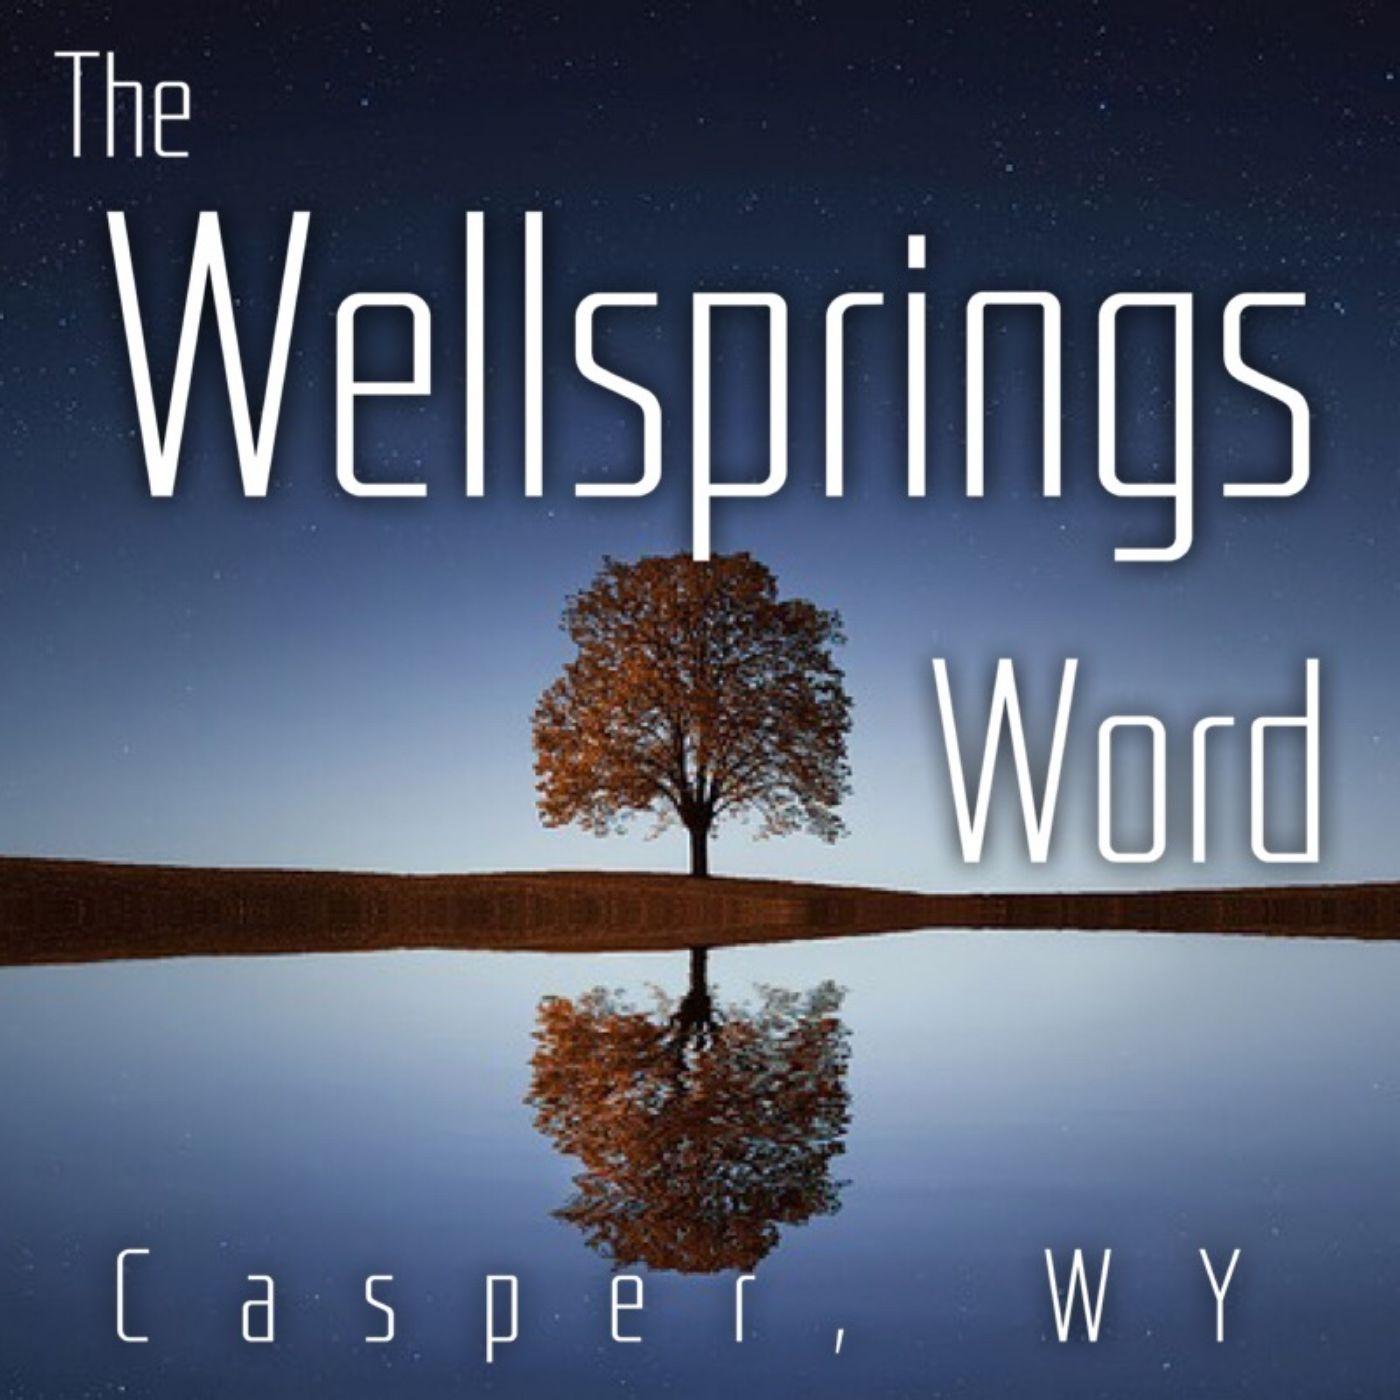 The Wellsprings Word